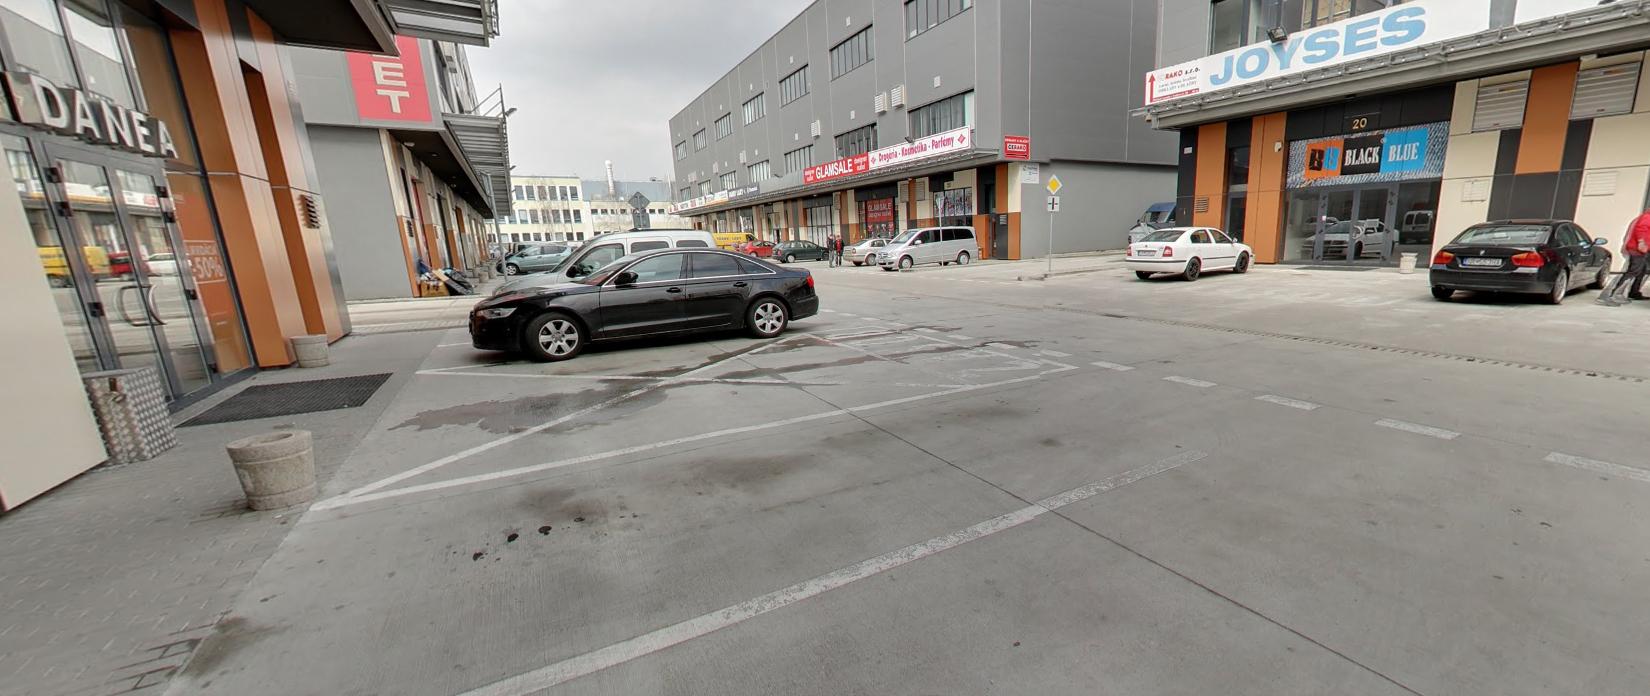 parkovanie suwisport